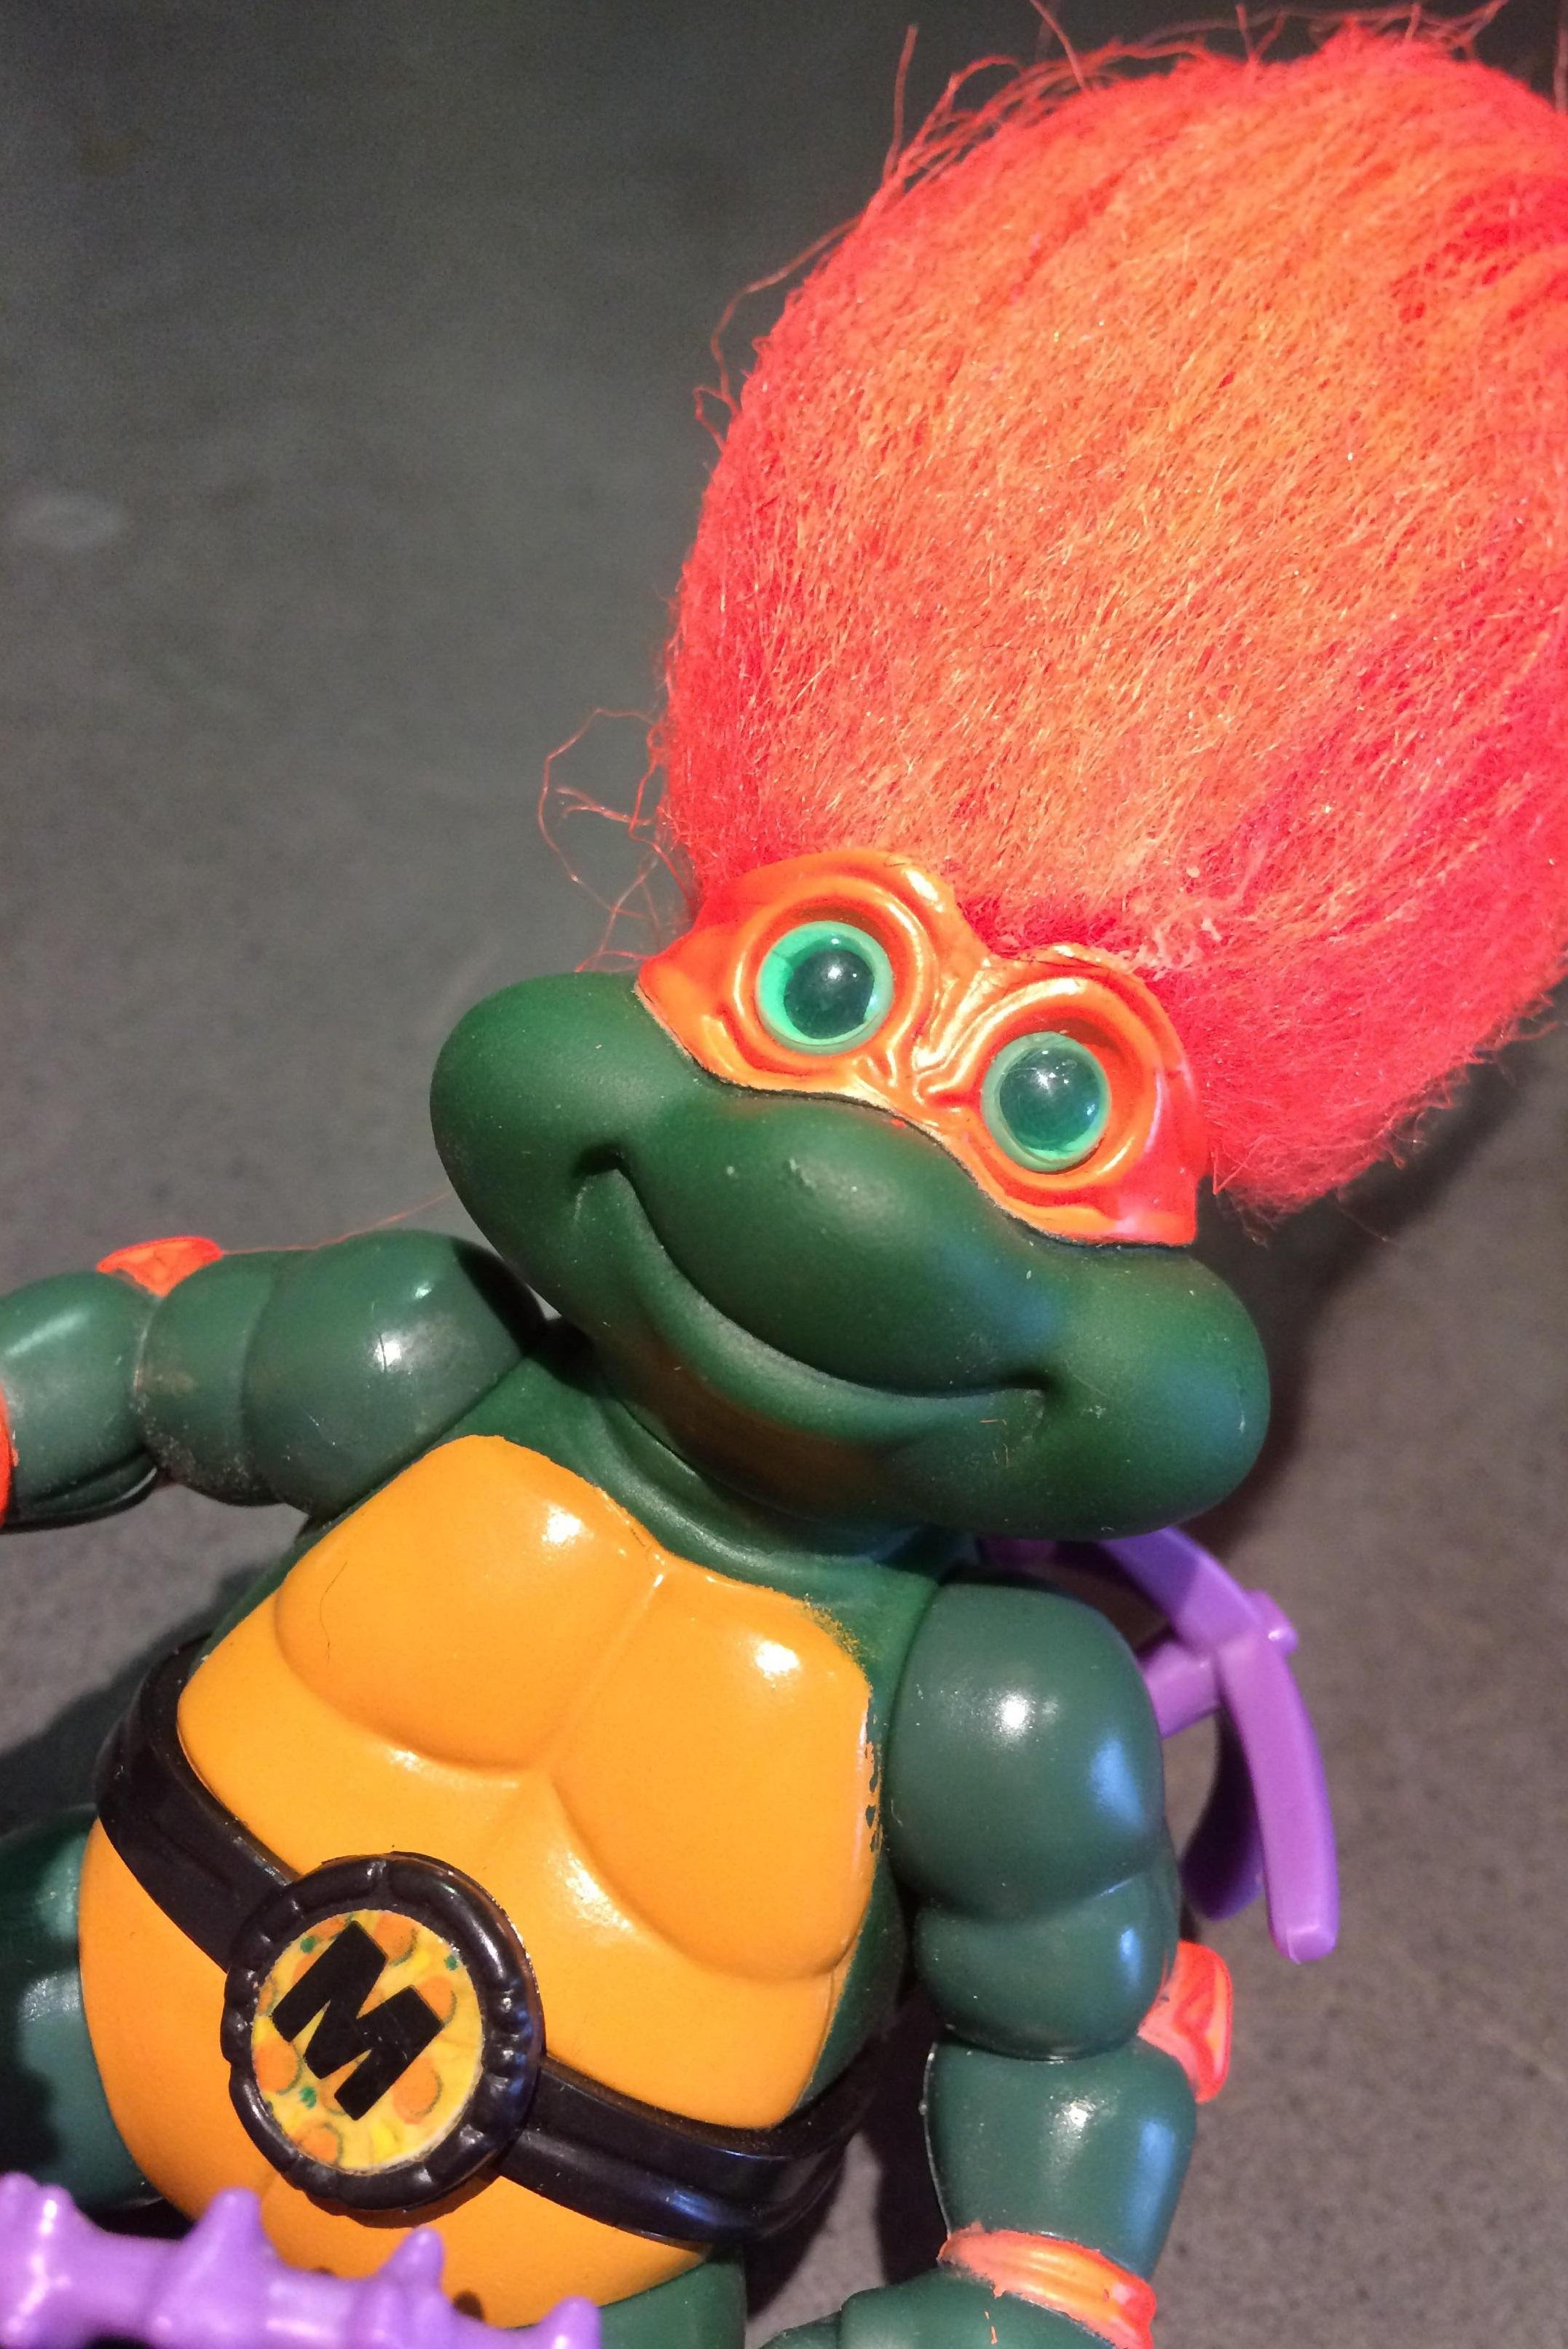 Mikey Troll